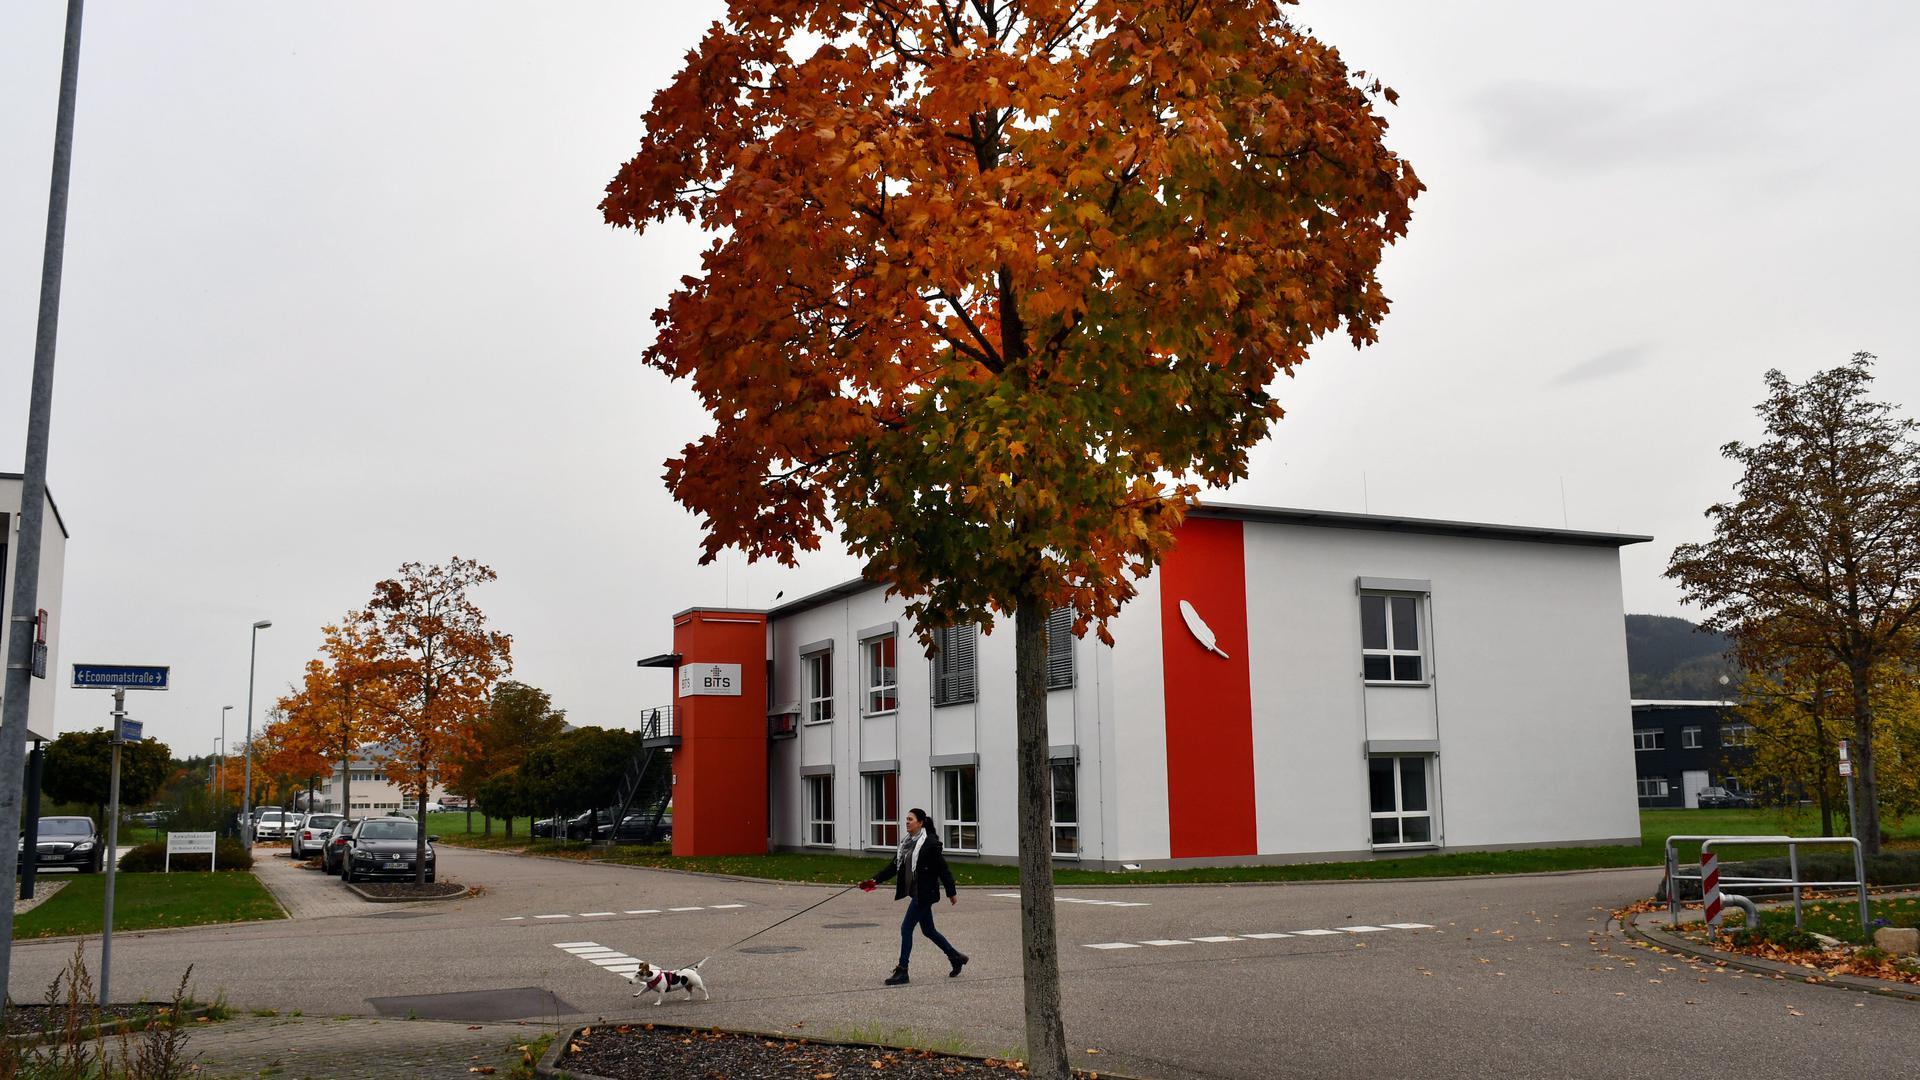 Ausgebucht: Im Gründerzentrum Bits in Bühl gibt es aktuell keine freien Büroflächen. An eine Erweiterung denkt man bei der Stadt aber nicht.